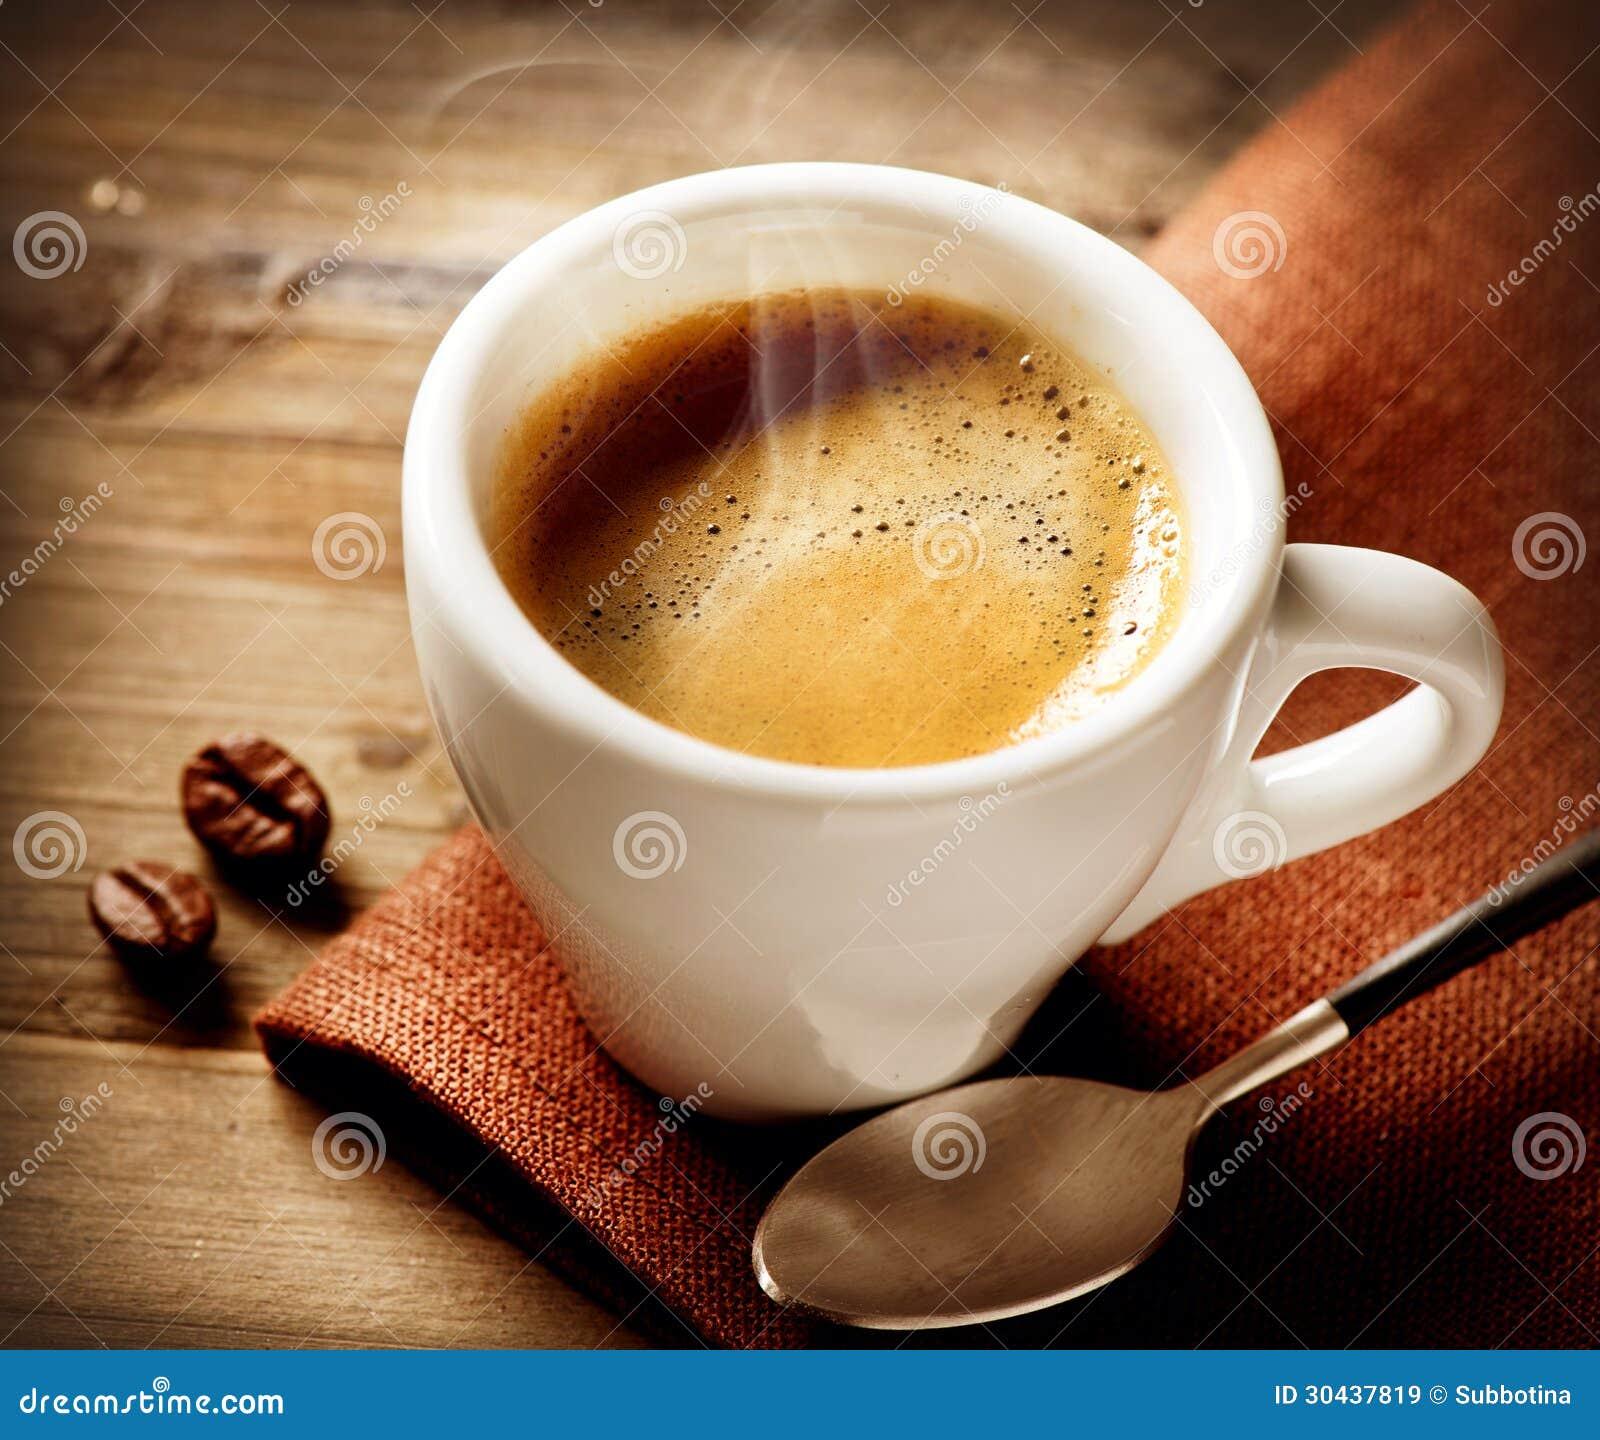 caf express de caf images libres de droits image 30437819. Black Bedroom Furniture Sets. Home Design Ideas